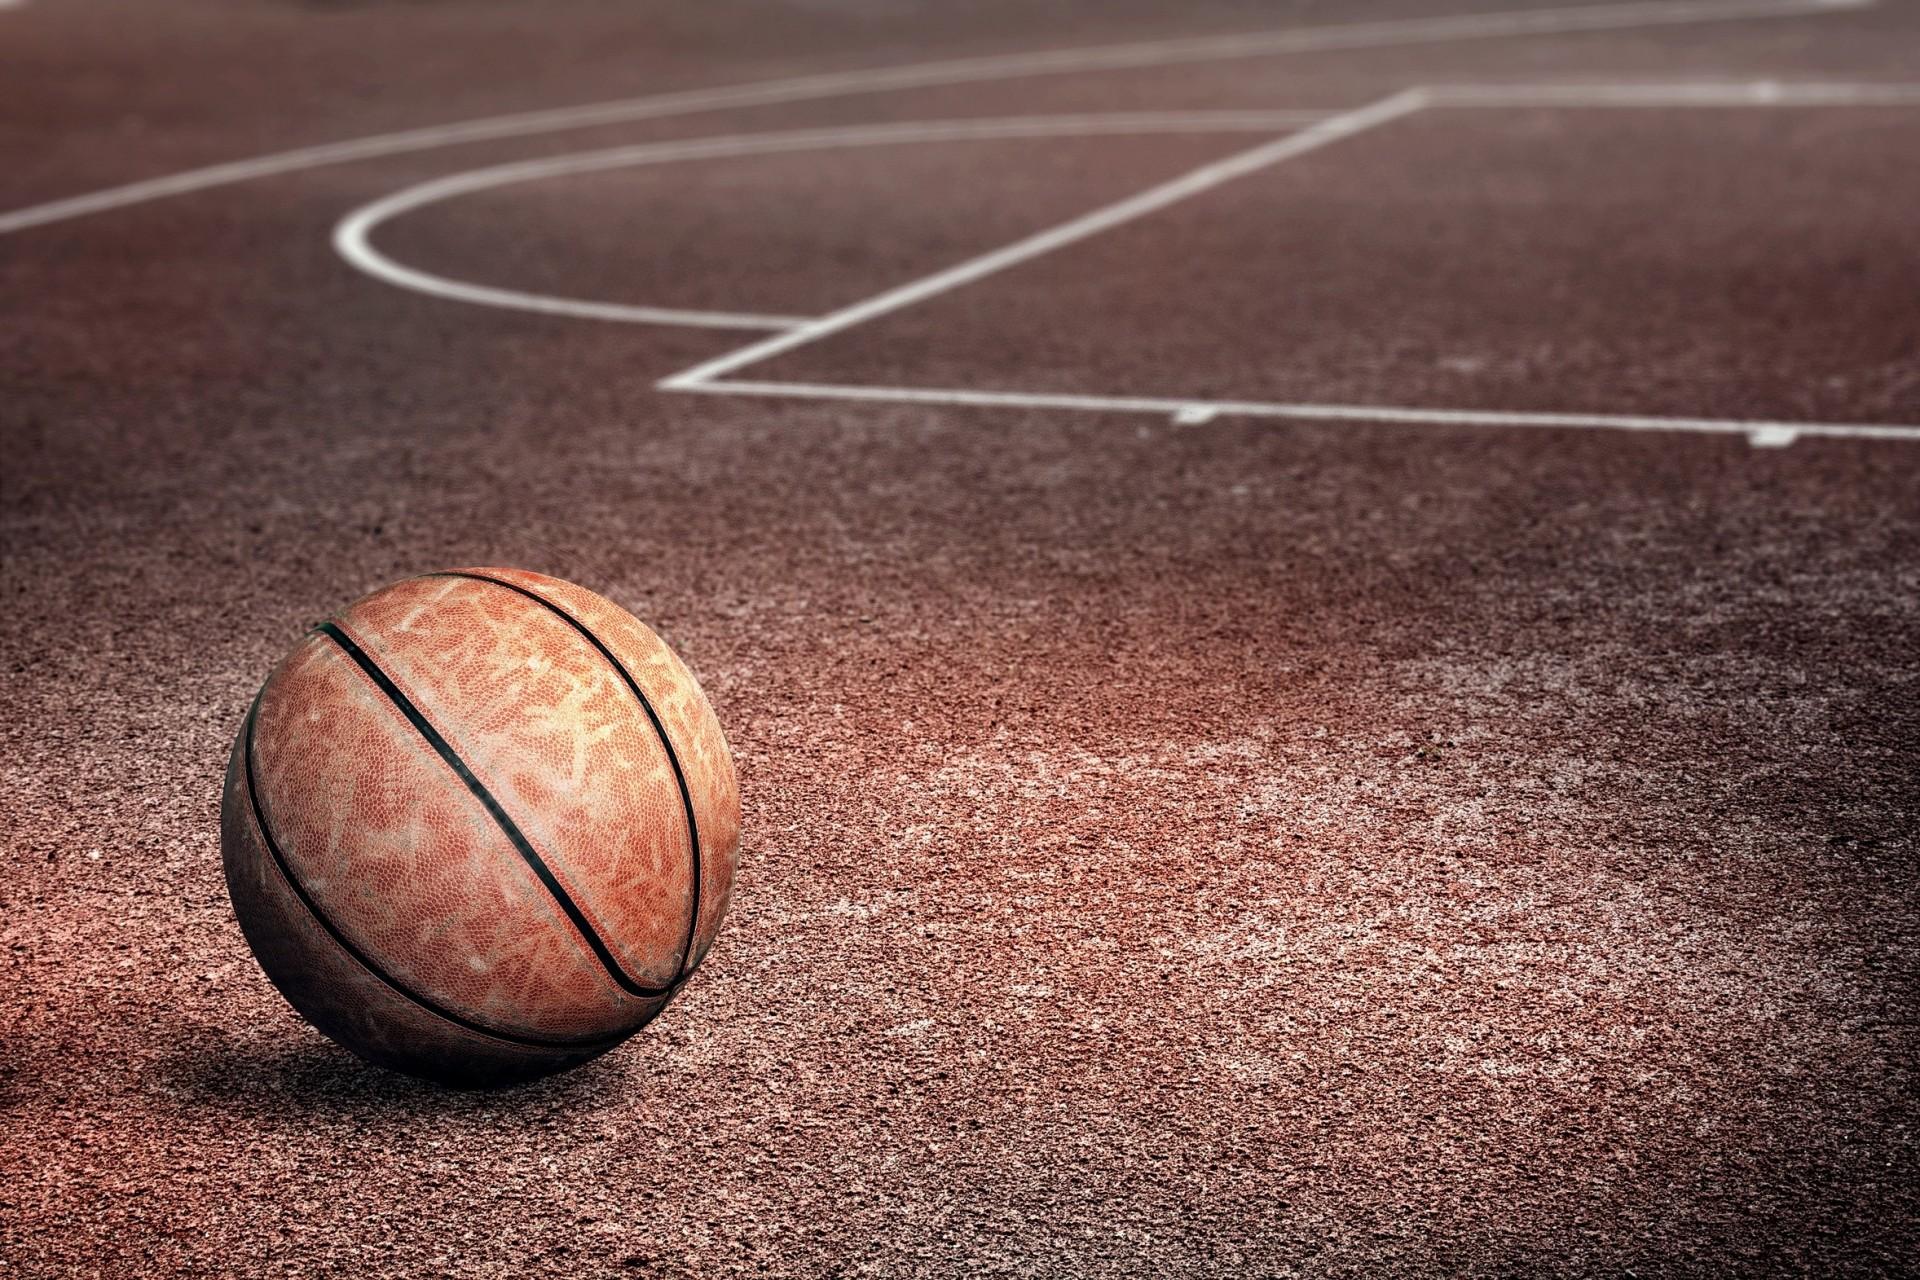 баскетбол улица солнце  № 2896481 загрузить